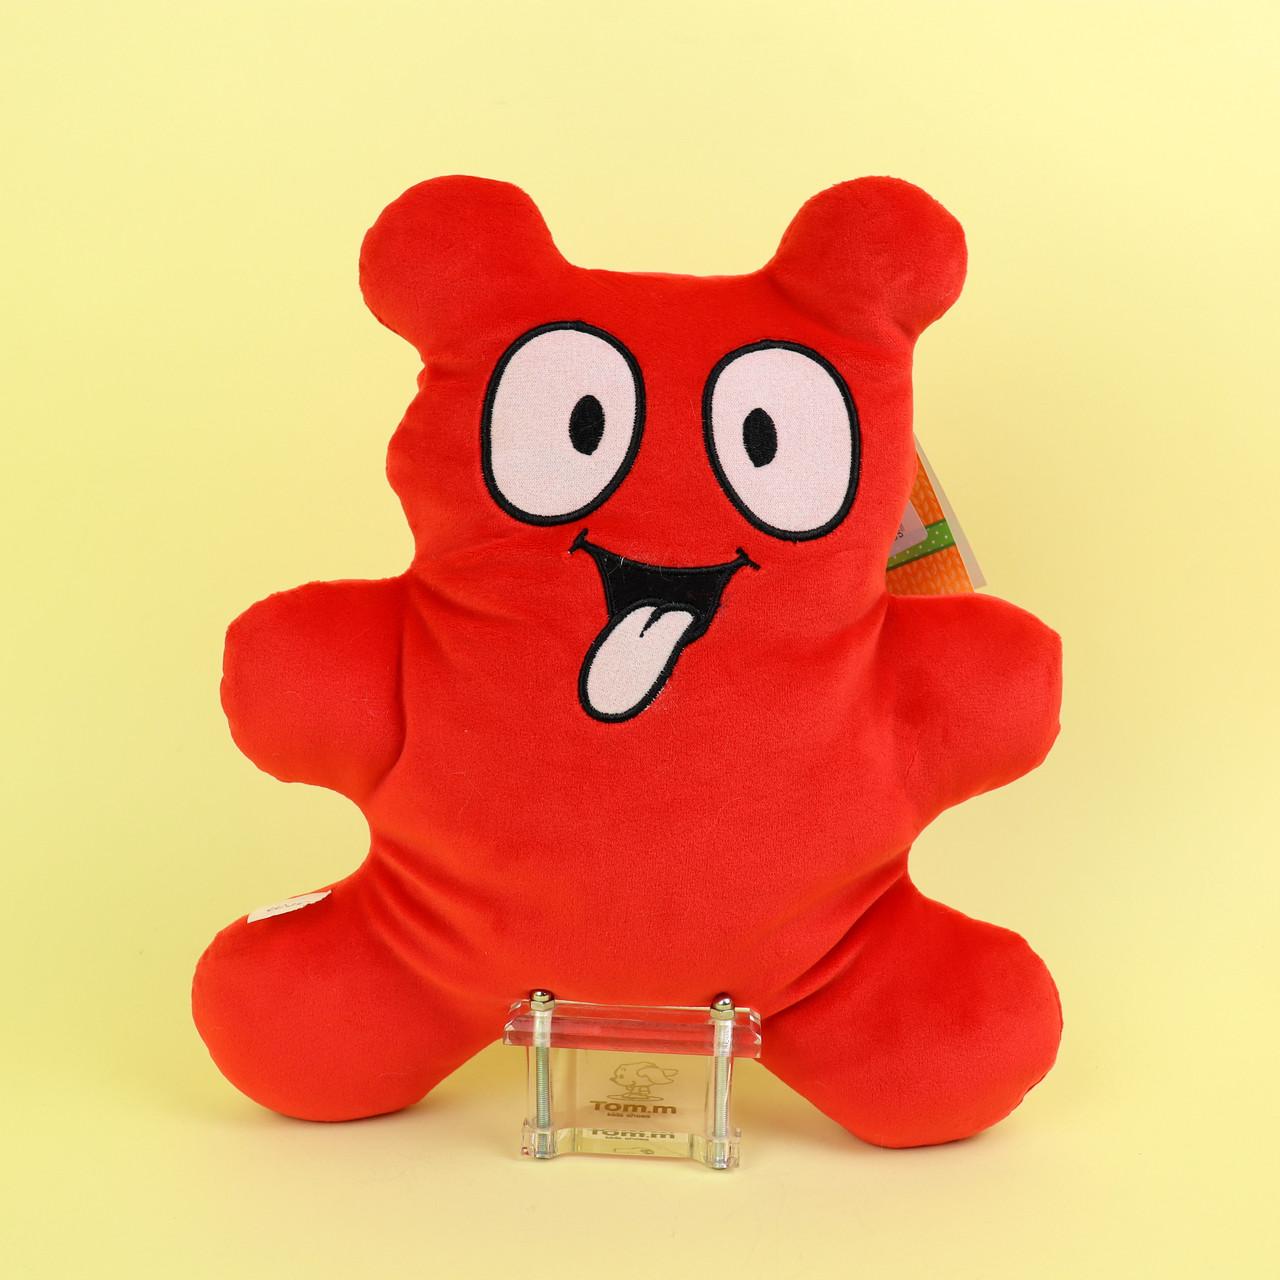 00284-147крас Мягкая игрушка мармеладный мишка Валера красный 30 см тм Копиця